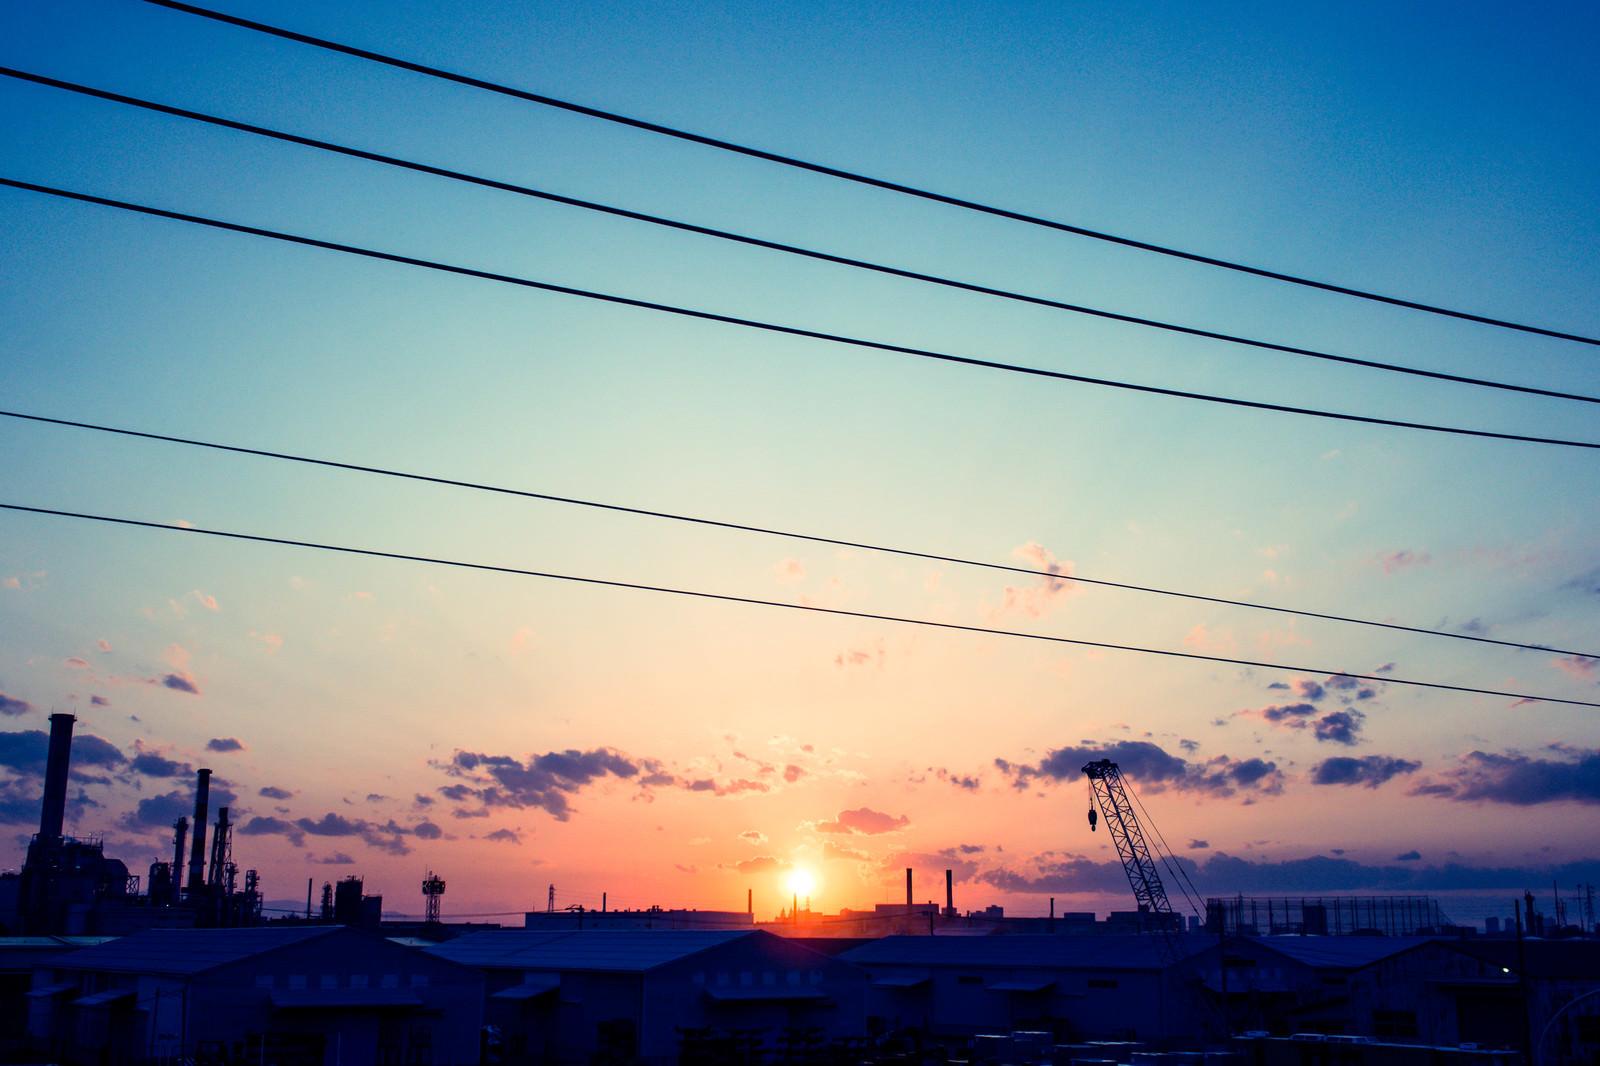 「日が昇る(工場) | 写真の無料素材・フリー素材 - ぱくたそ」の写真